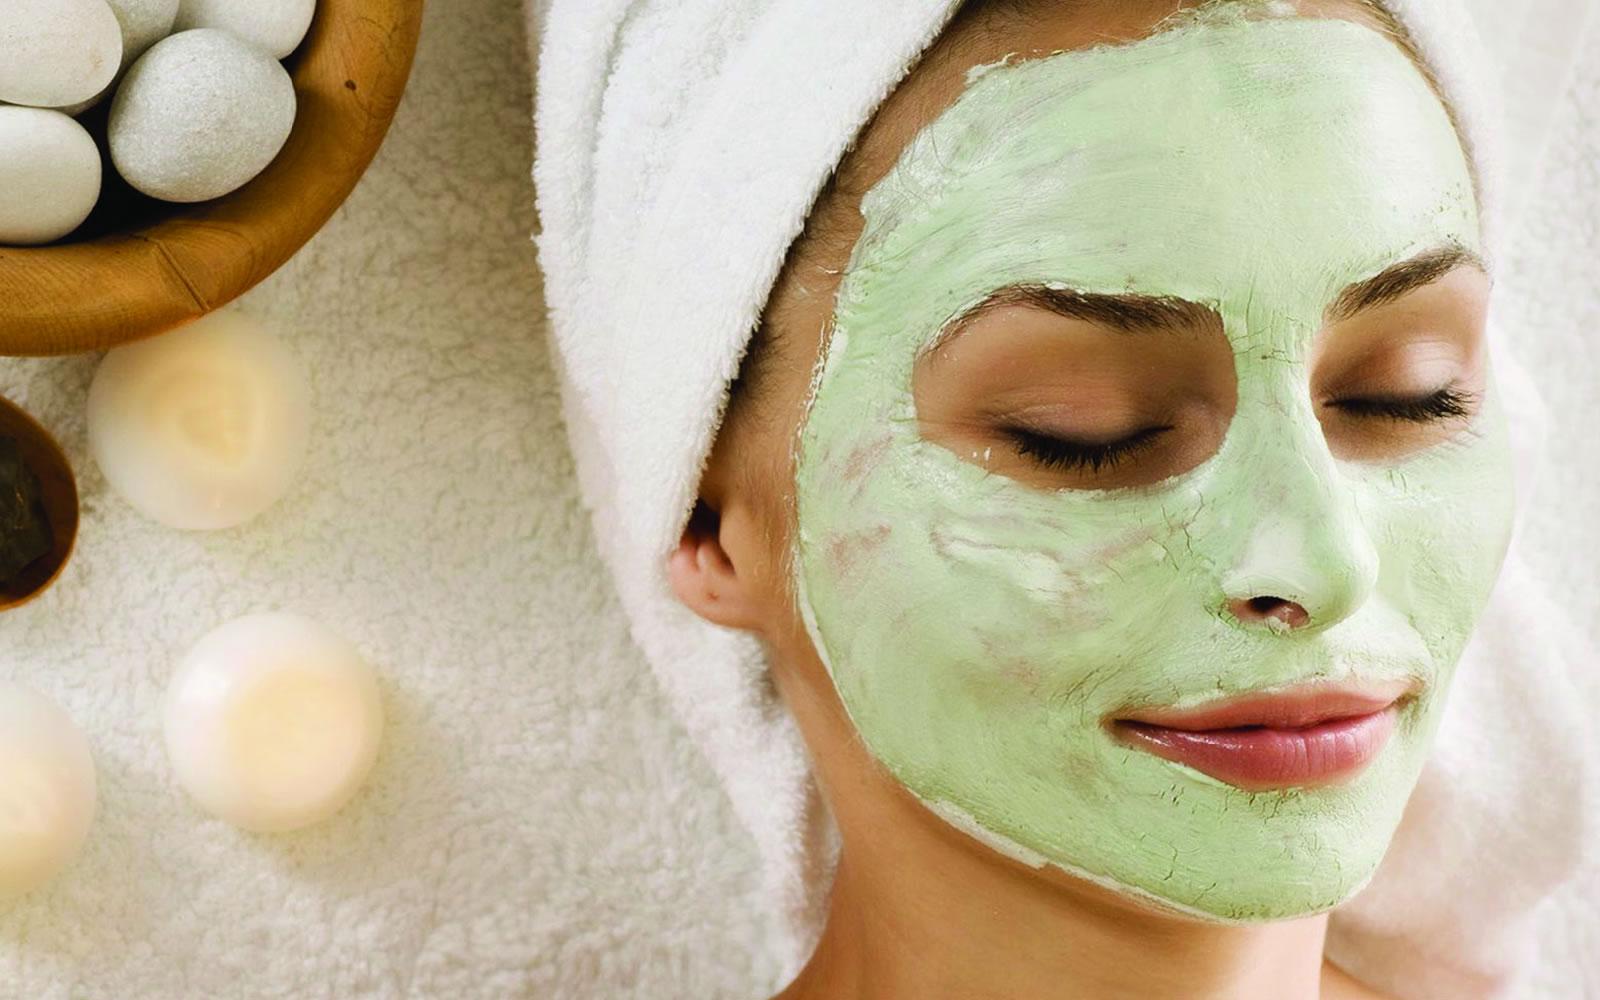 Правила использования и лучшие рецепты масок из киви для лица.